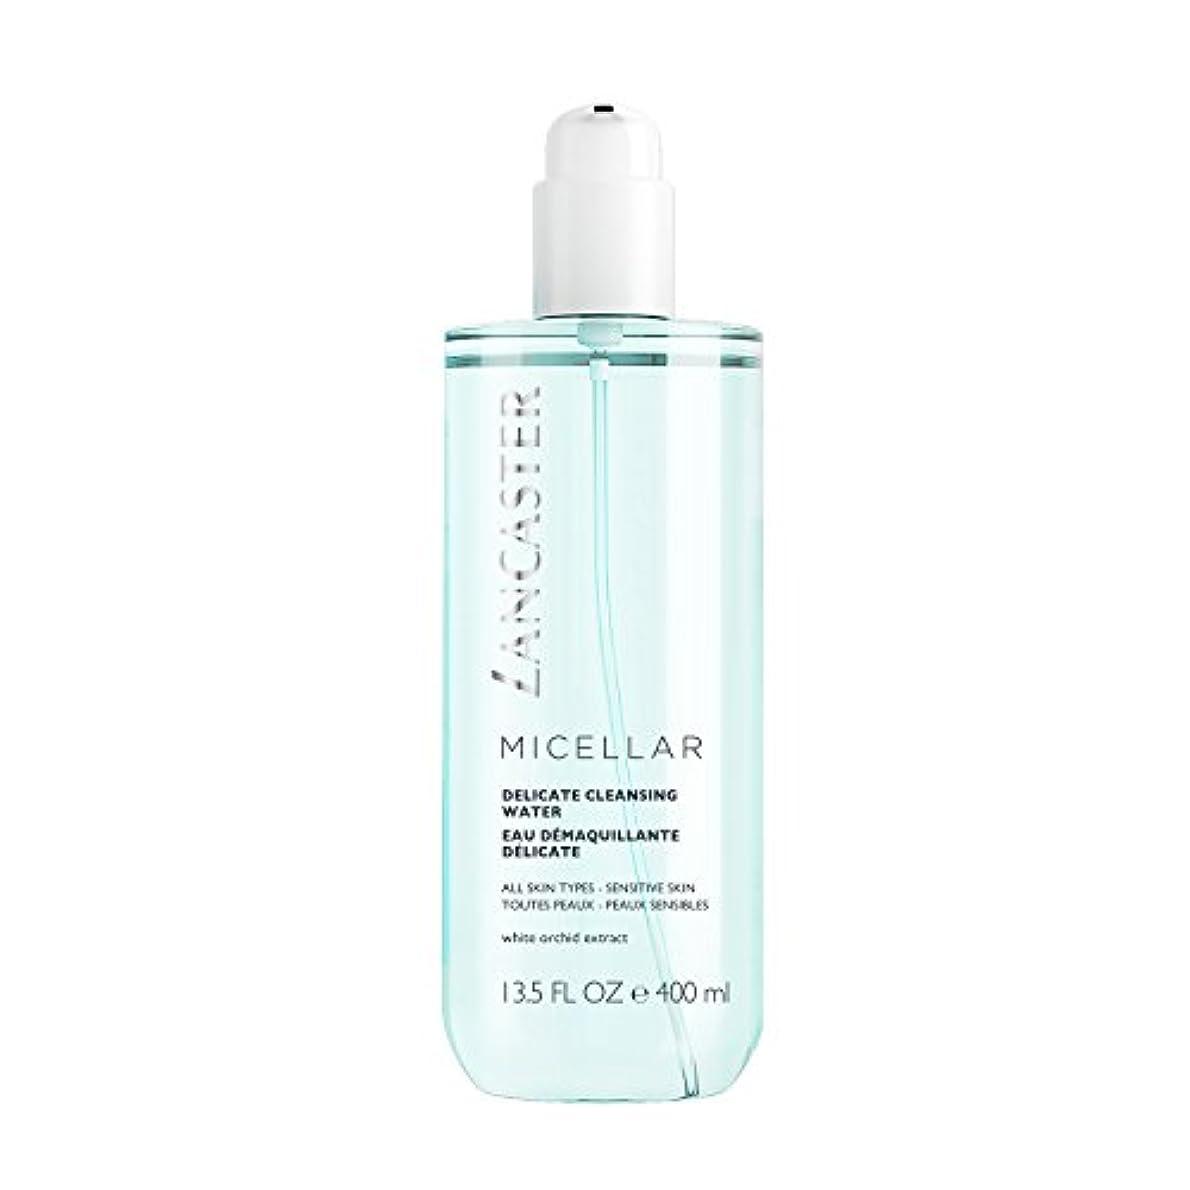 二十ペア熟したランカスター Micellar Delicate Cleansing Water - All Skin Types, Including Sensitive Skin 400ml/13.5oz並行輸入品